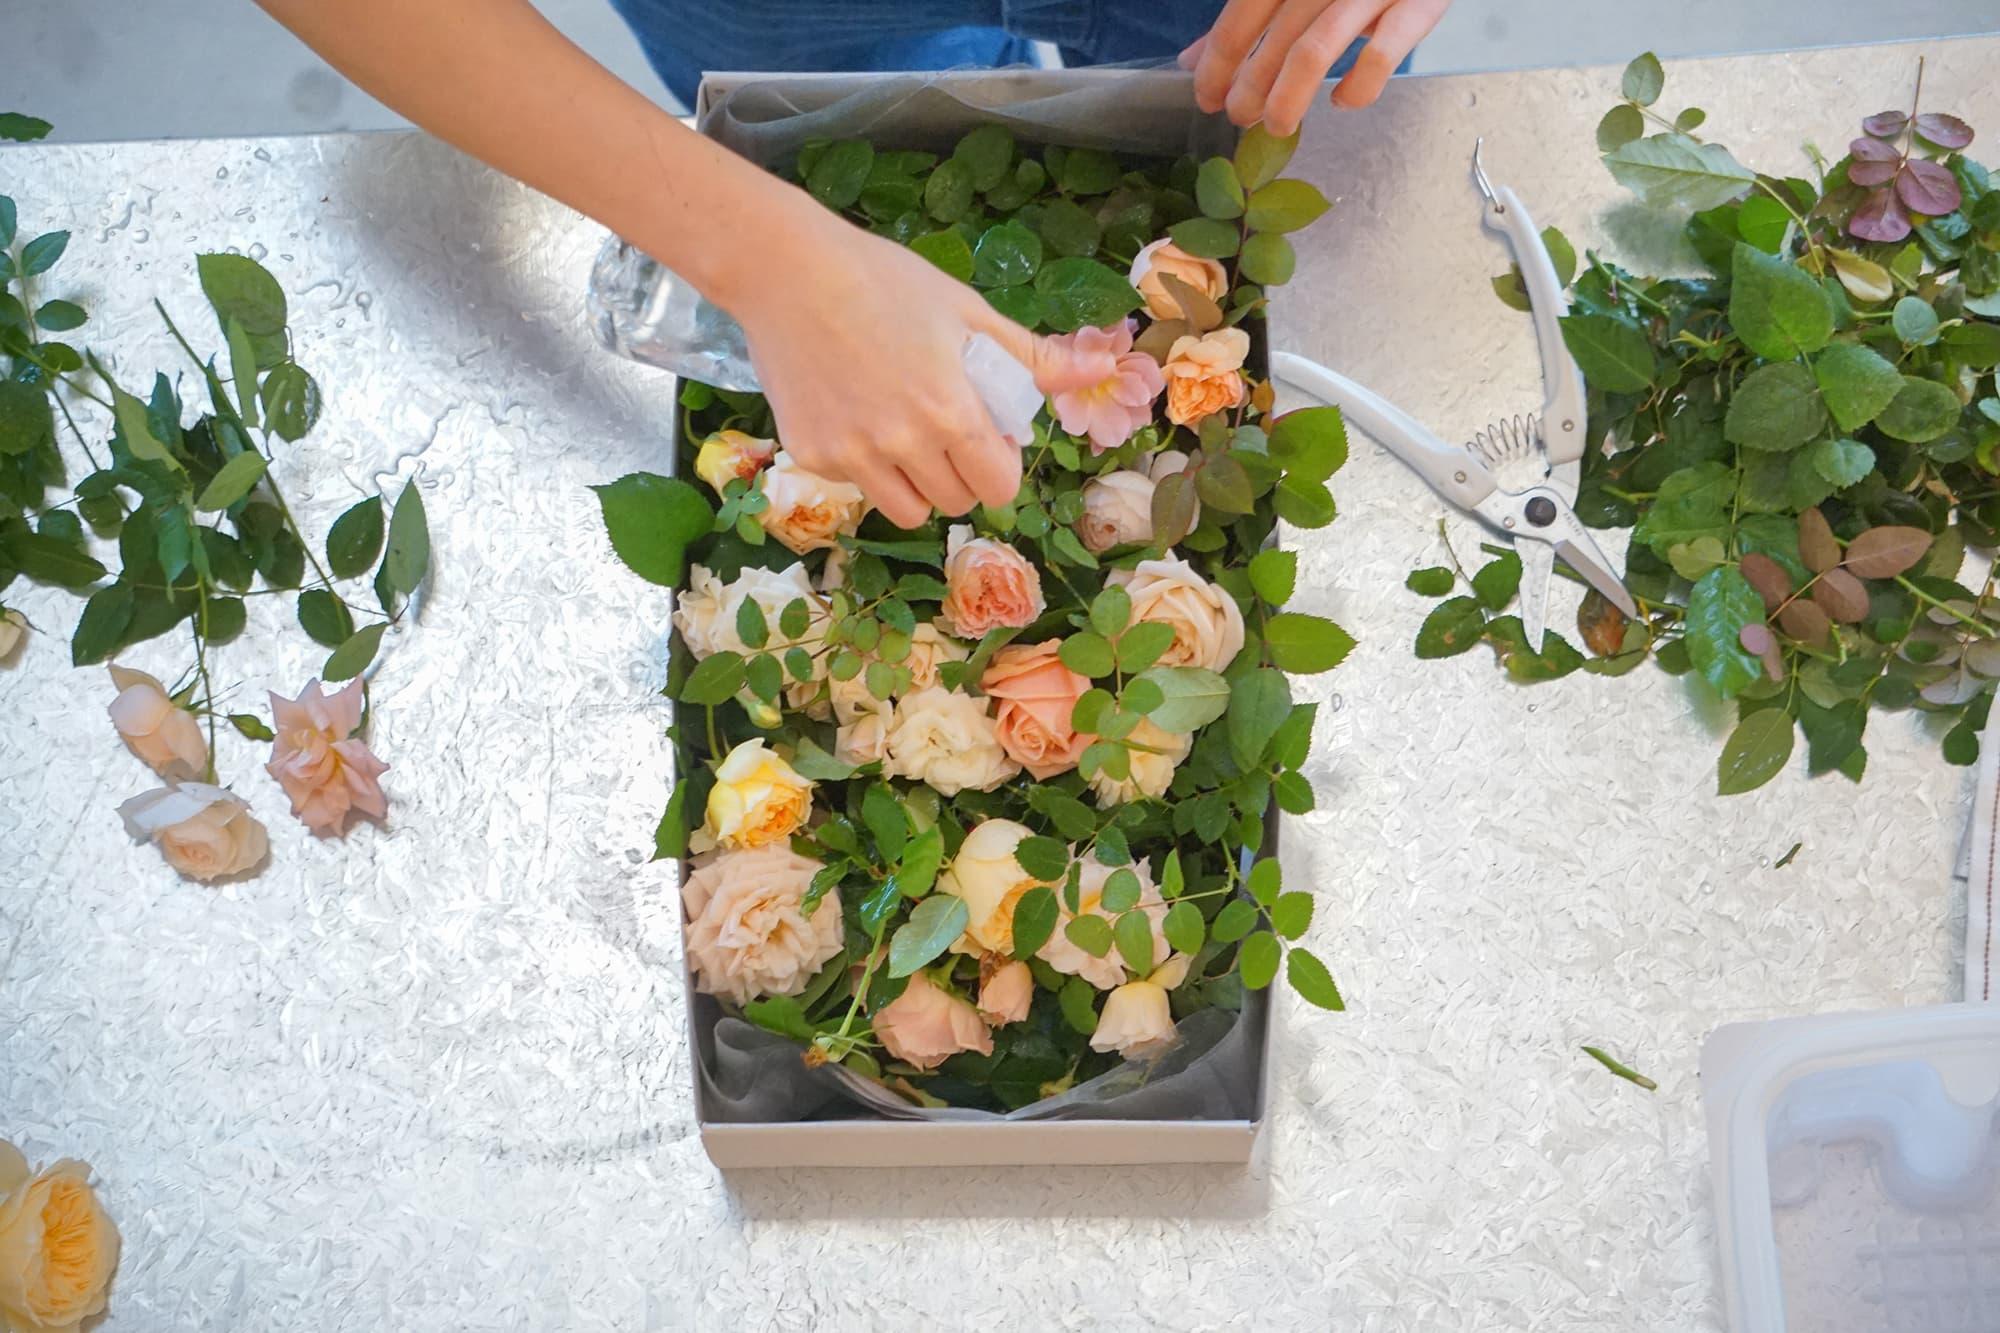 新鮮な摘みたてのばらを箱に詰めて贈る「BOX わばら農園」